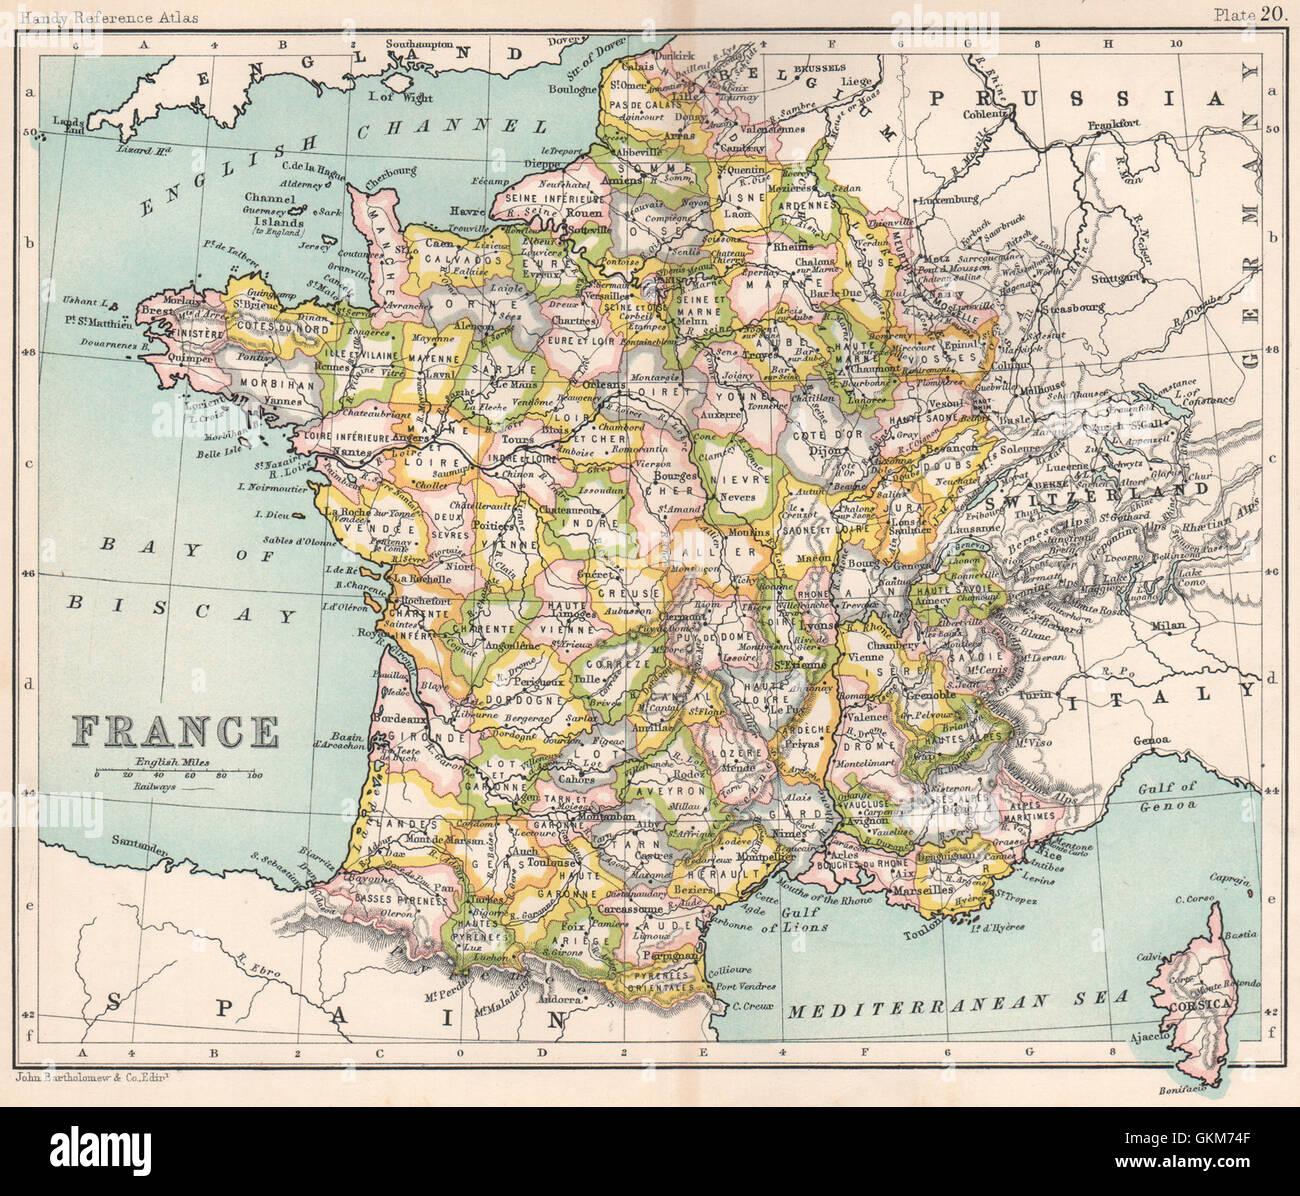 Carte Lalsace.La France Sans L Alsace Et Lorraine Bartholomew 1904 Carte Antique